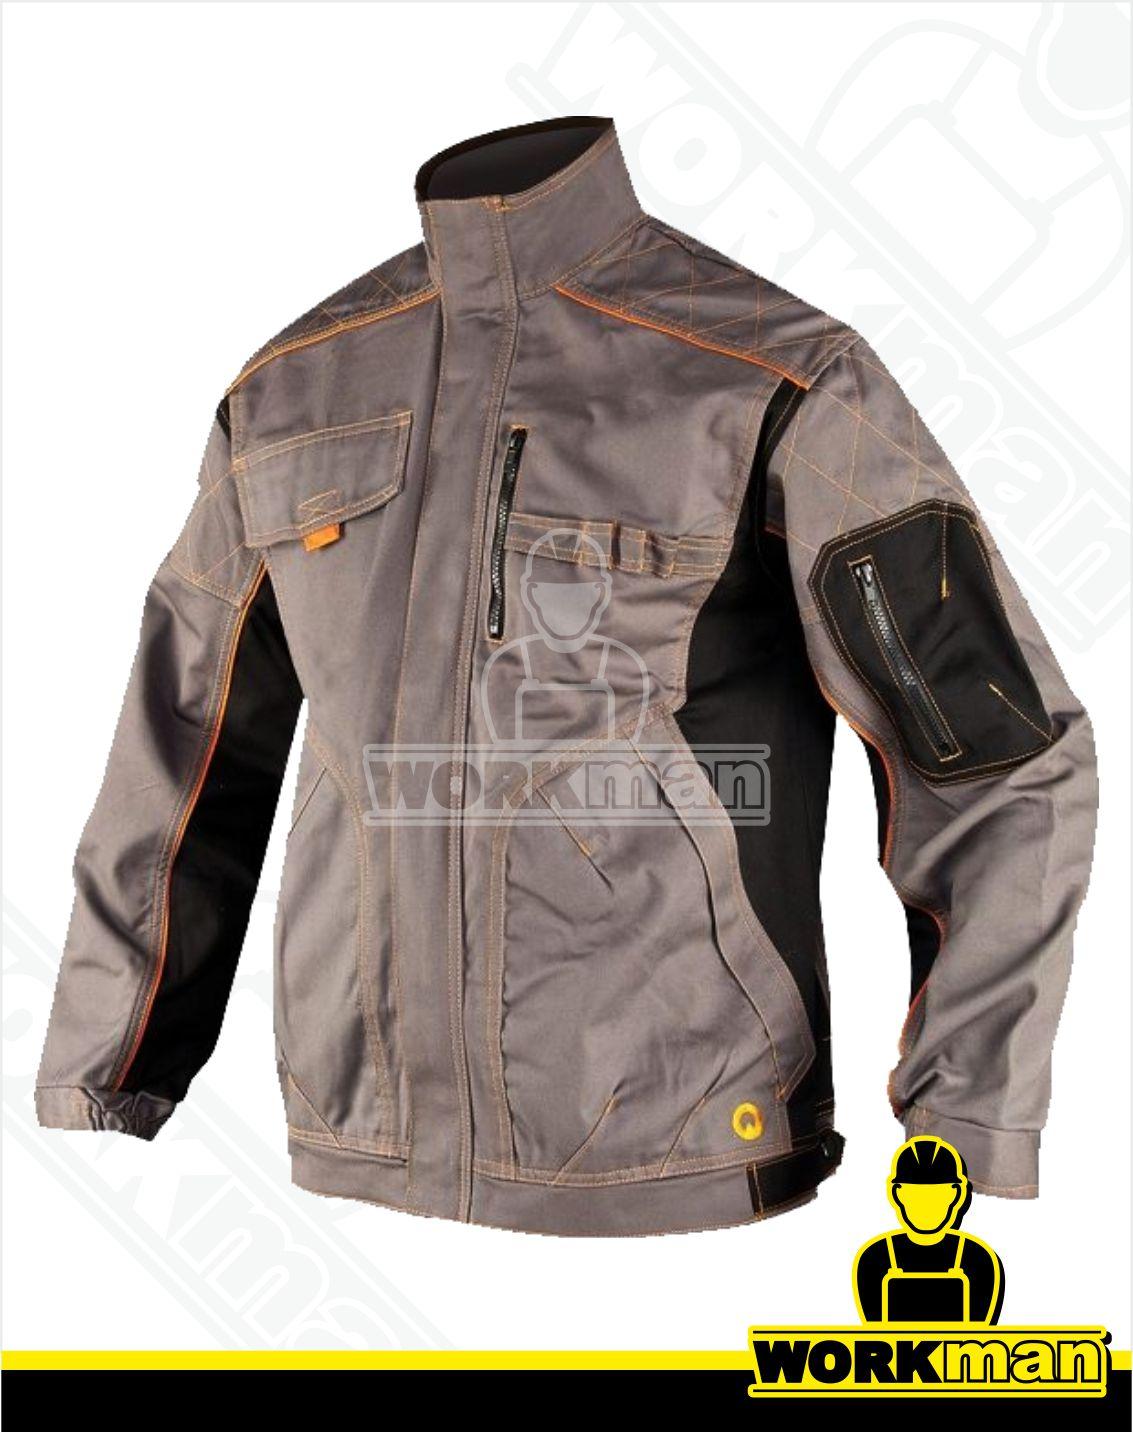 d006e9bdcf13 Zimná blúza VISION 07 Ardon Pracovné odevy Workman